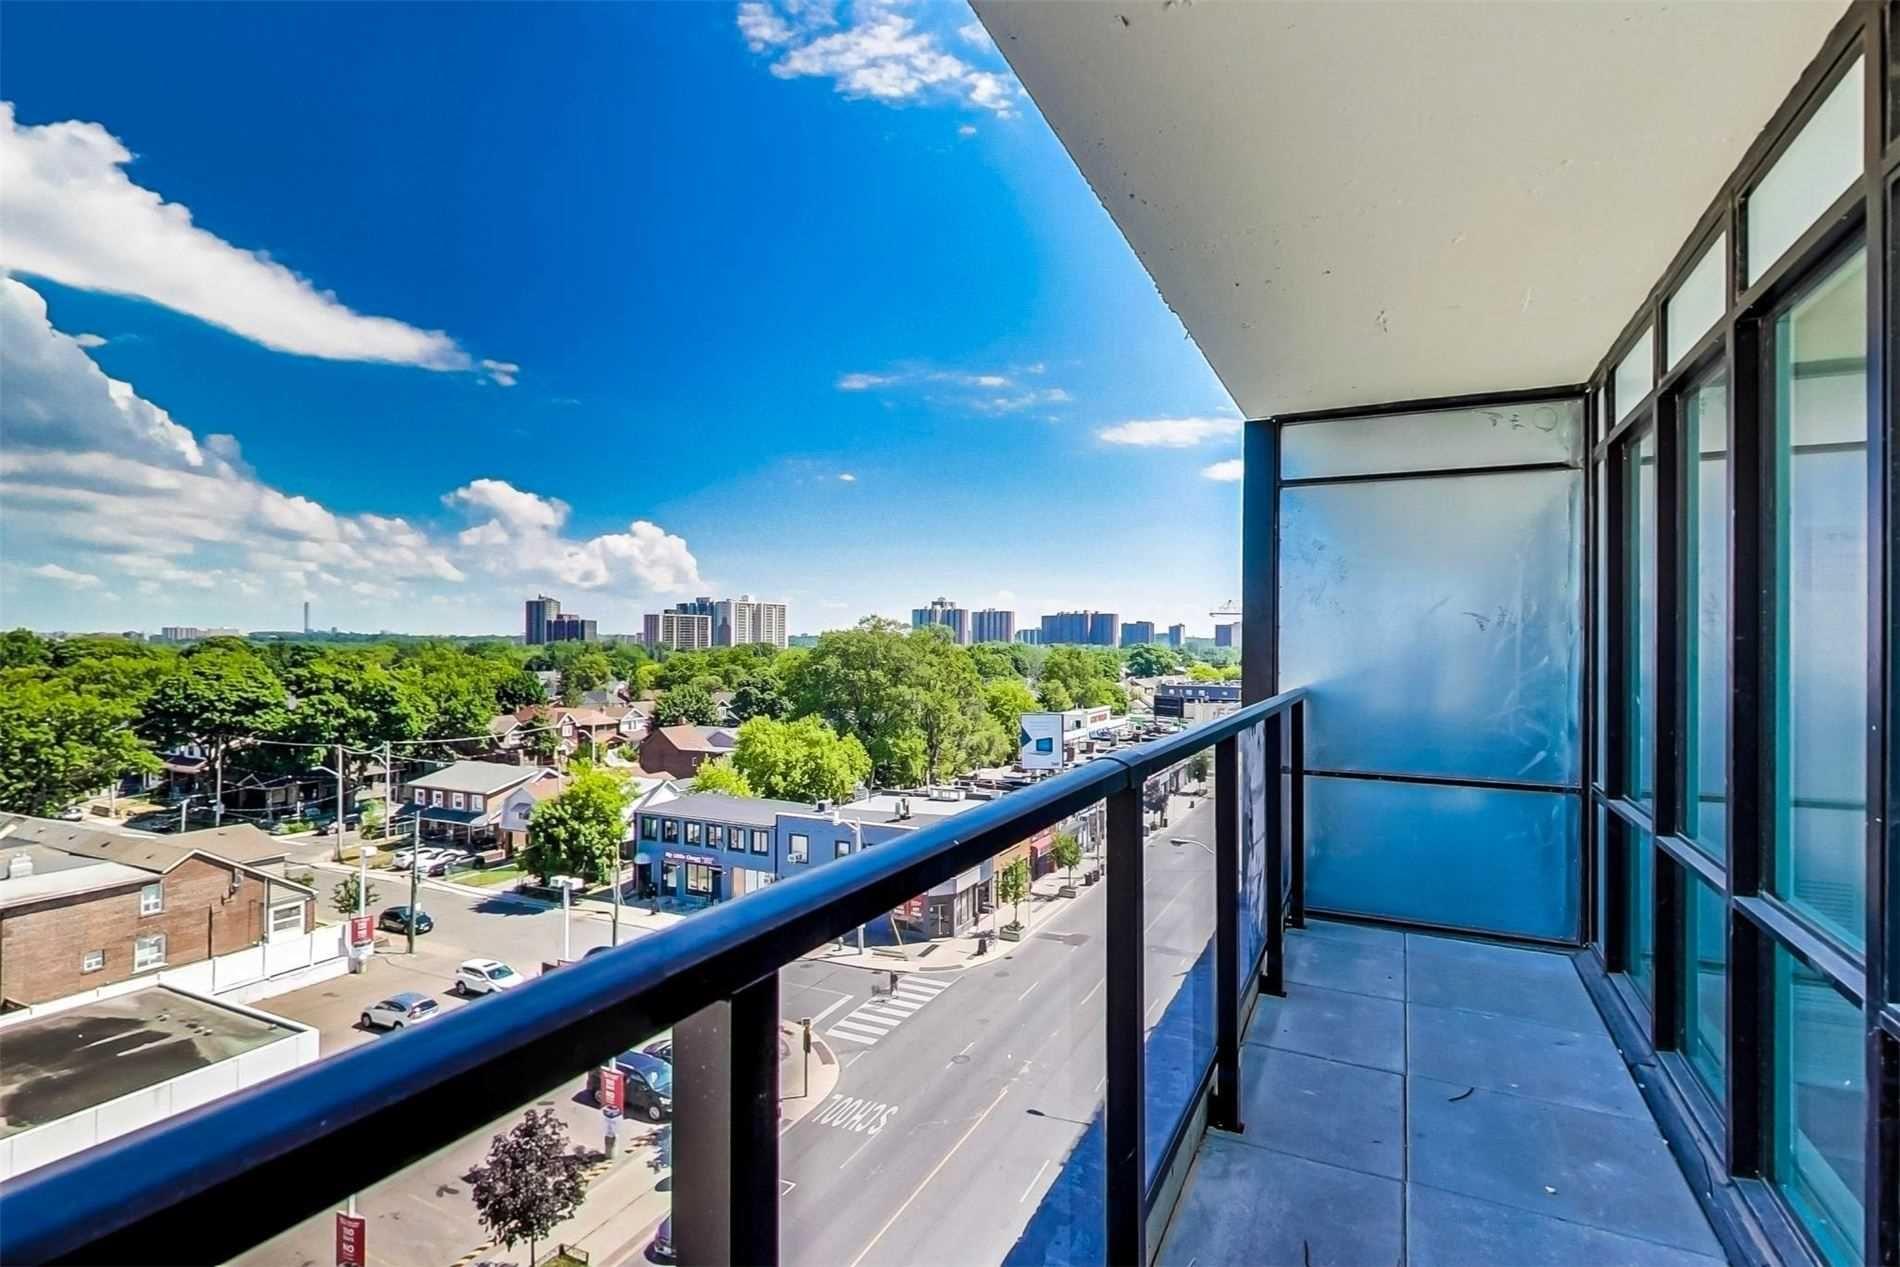 Photo 17: Photos: 711 2301 Danforth Avenue in Toronto: East End-Danforth Condo for lease (Toronto E02)  : MLS®# E4816624